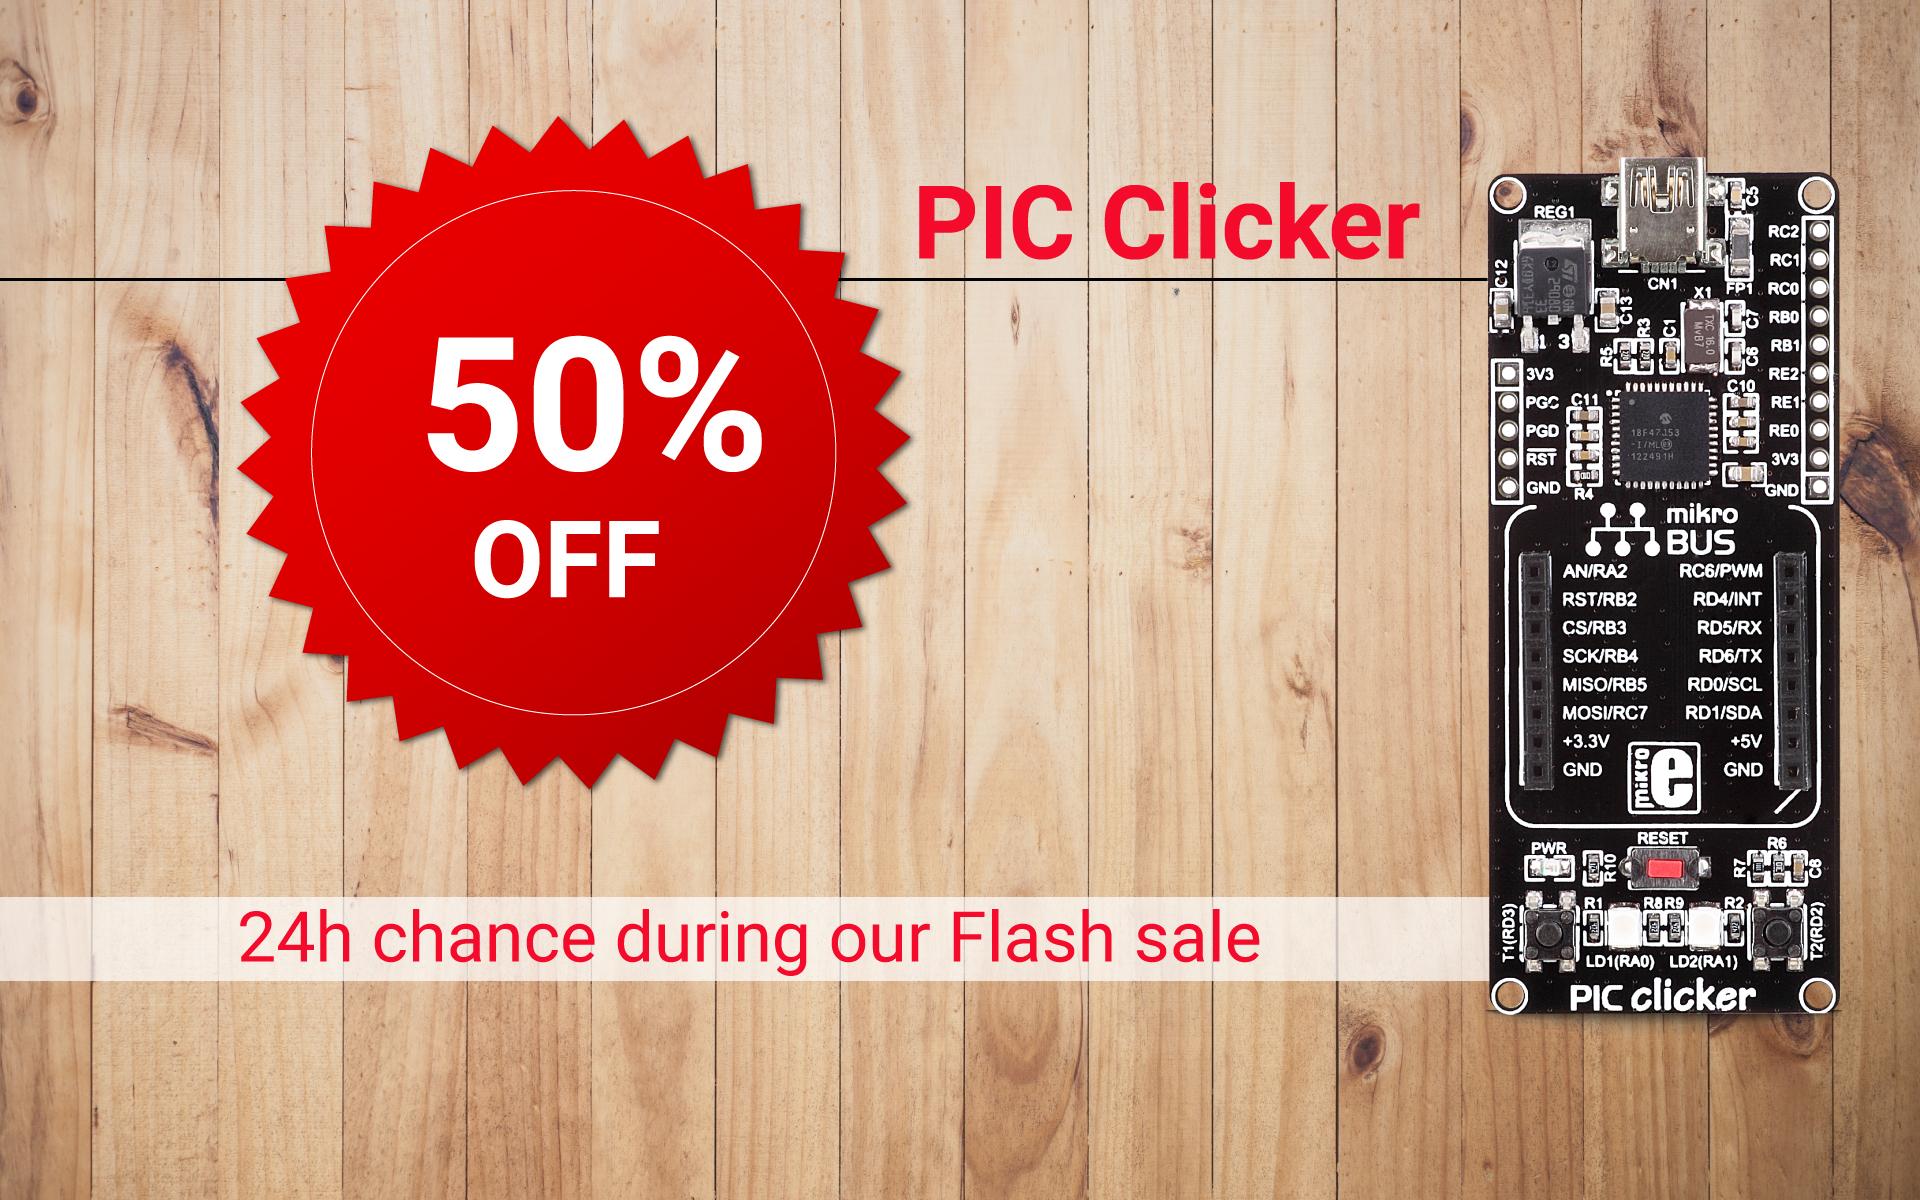 Flash sale - PIC Clicker 50% OFF